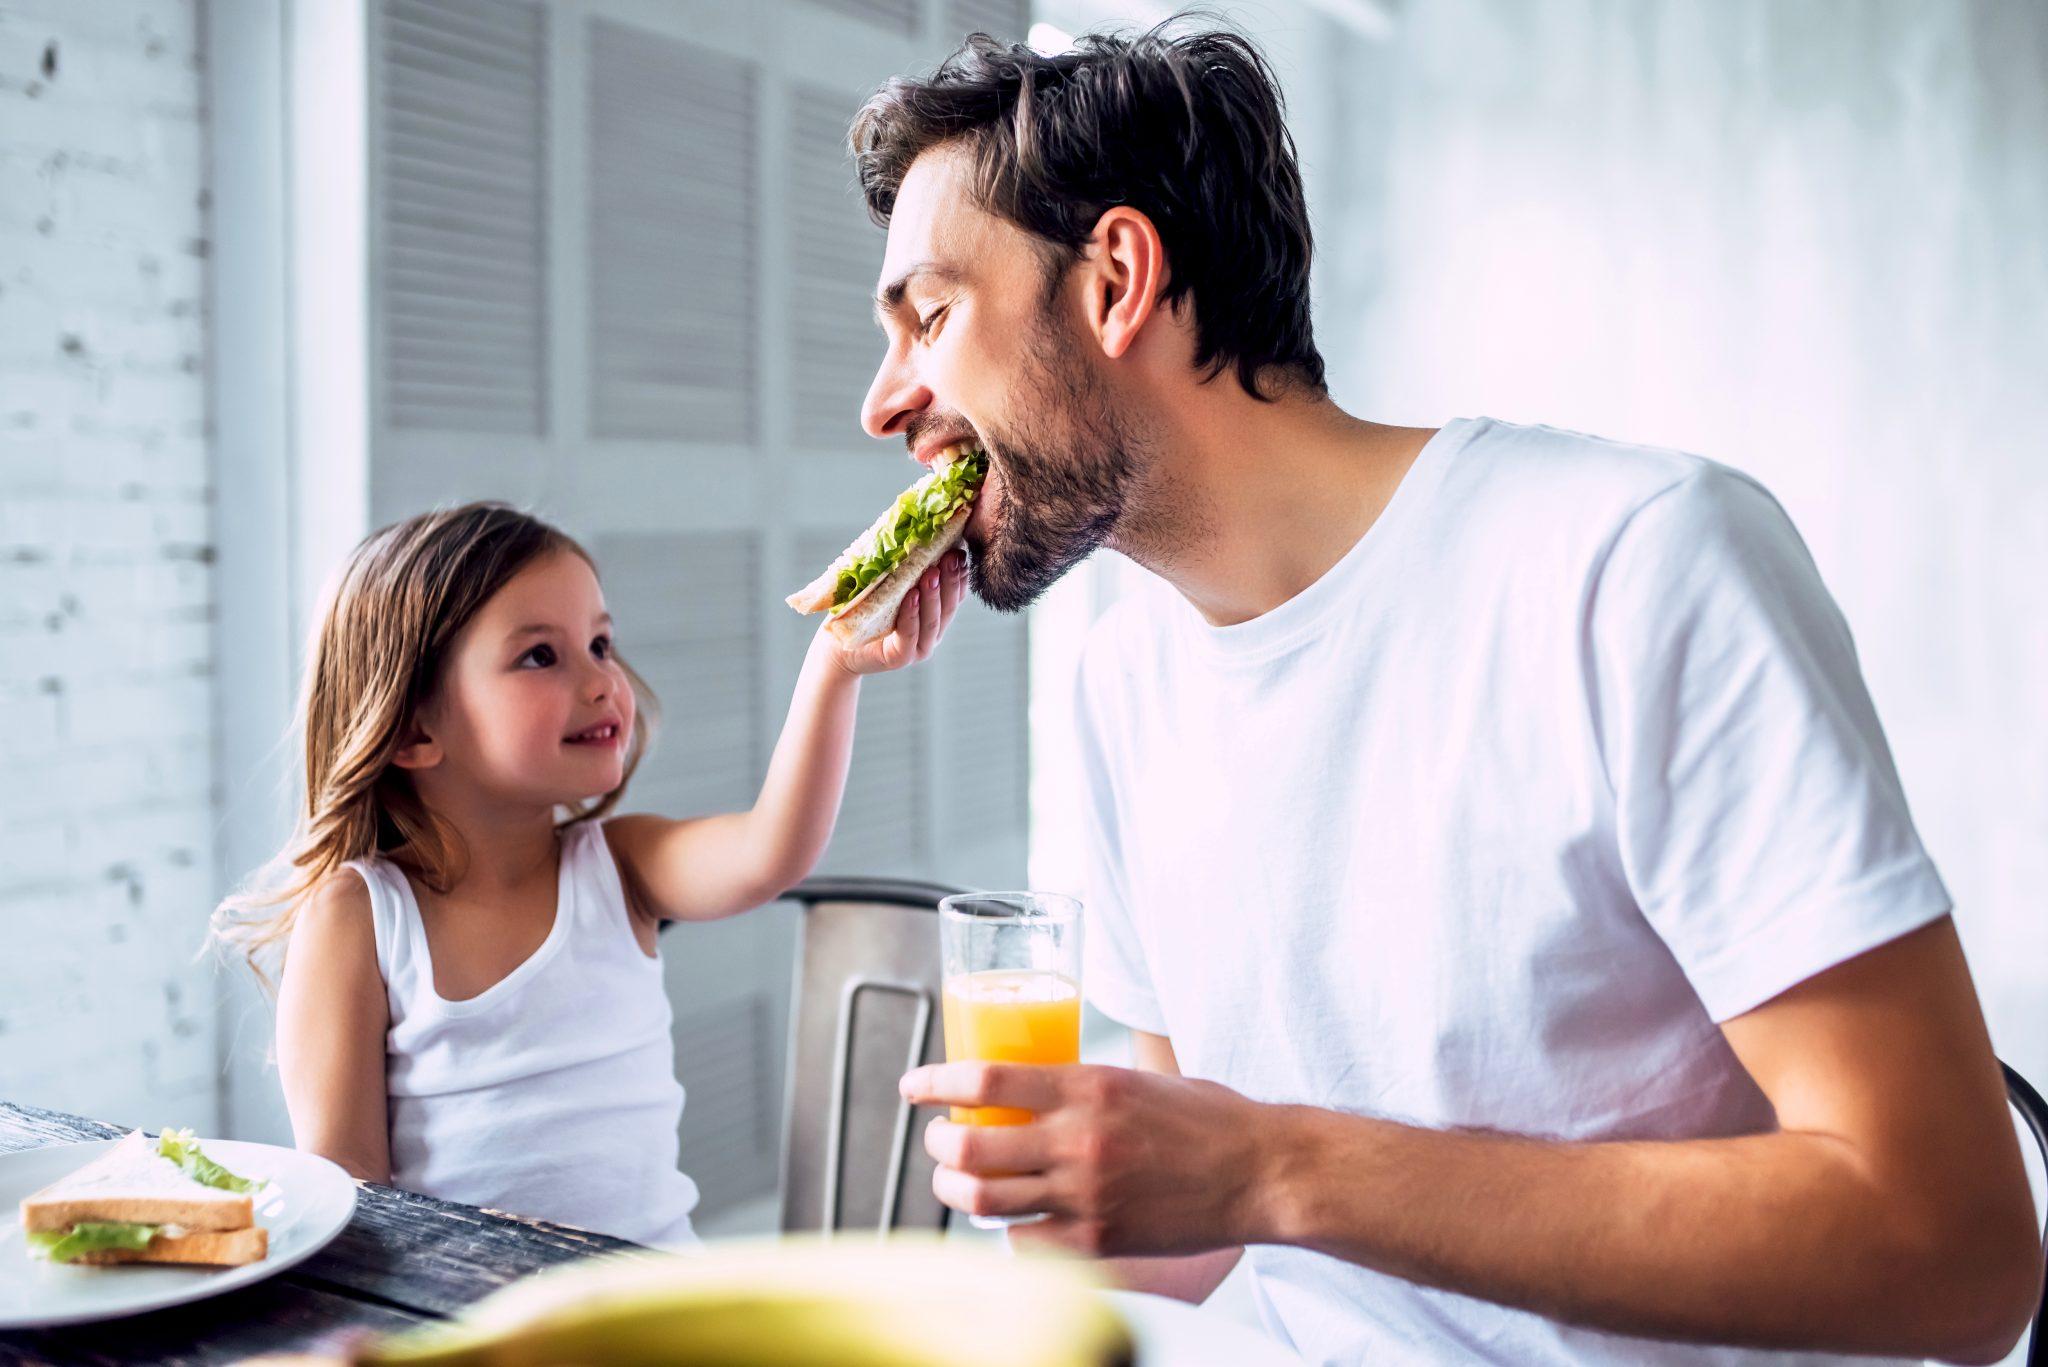 朝食で娘がパパにホットサンドを食べさせてあげている